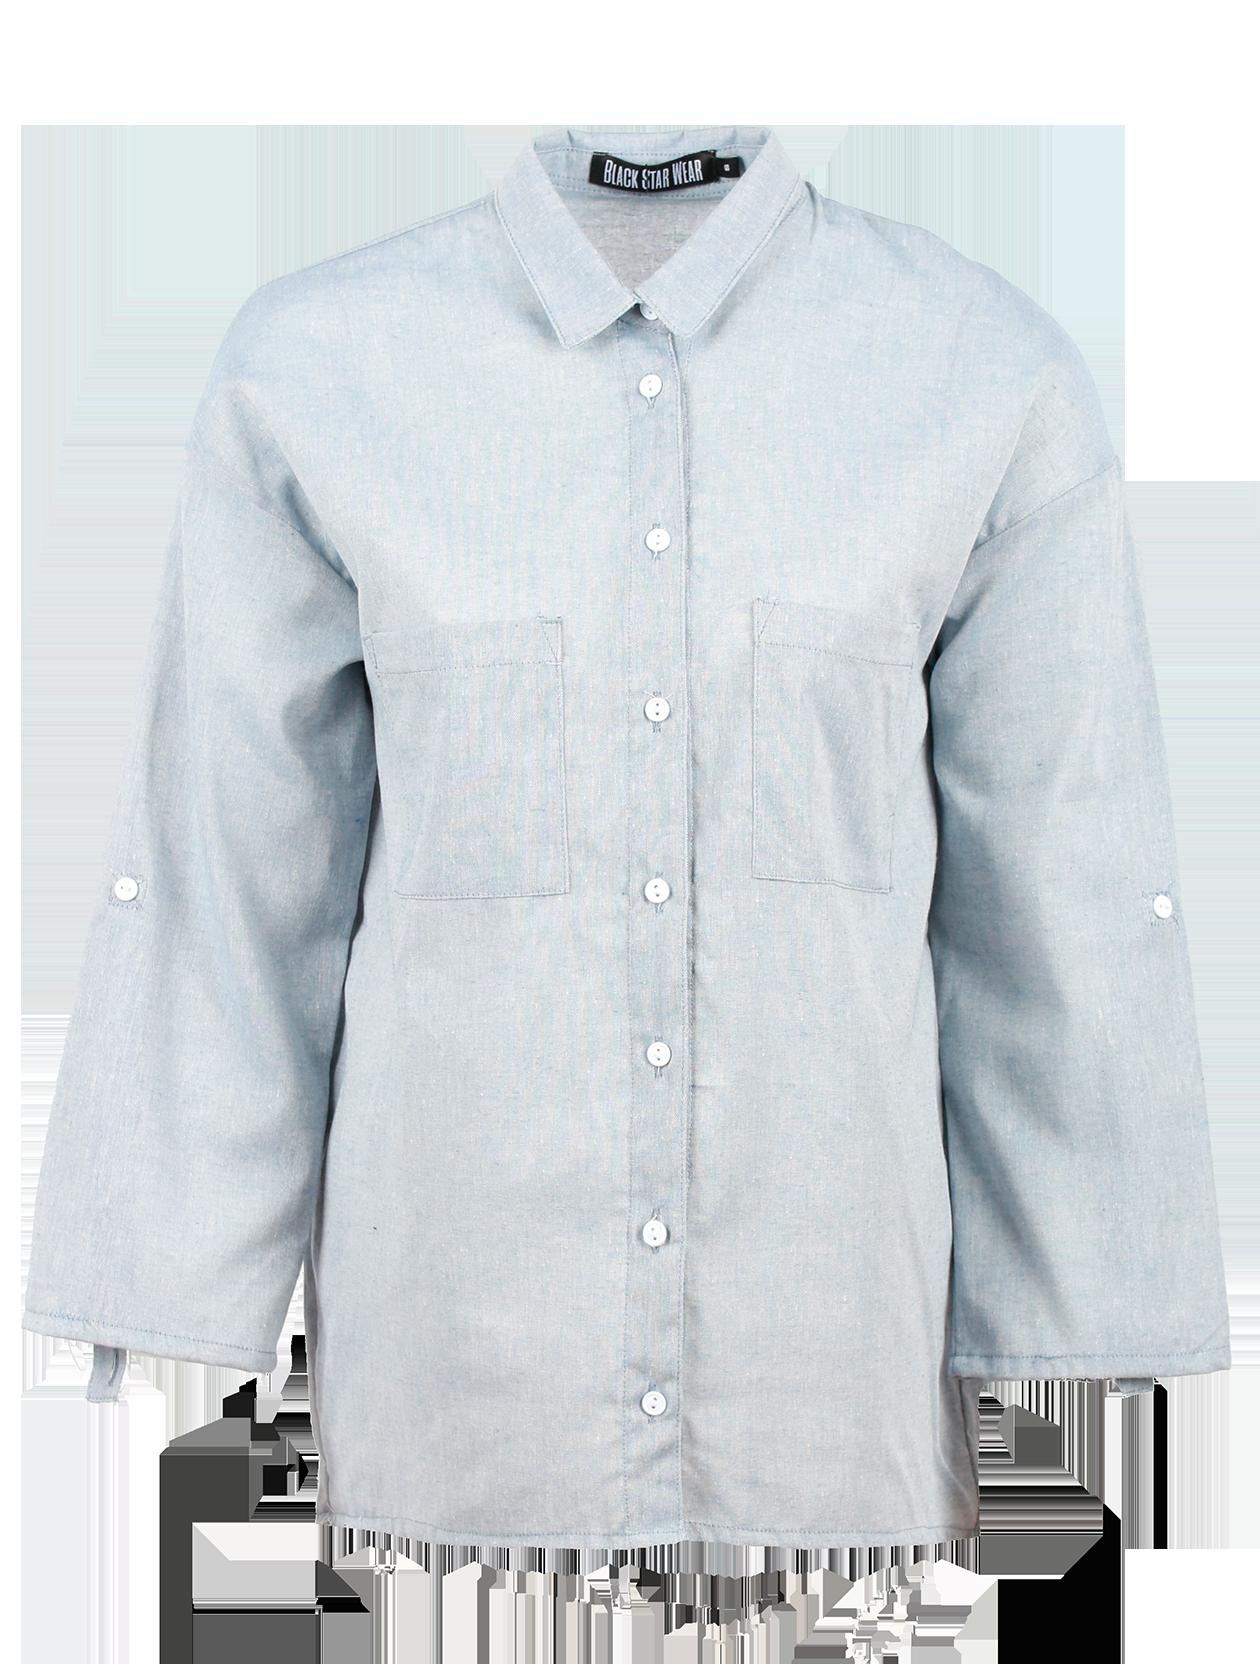 Womens Shirt Serene<br><br>size: XS<br>color: Light Blue<br>gender: female